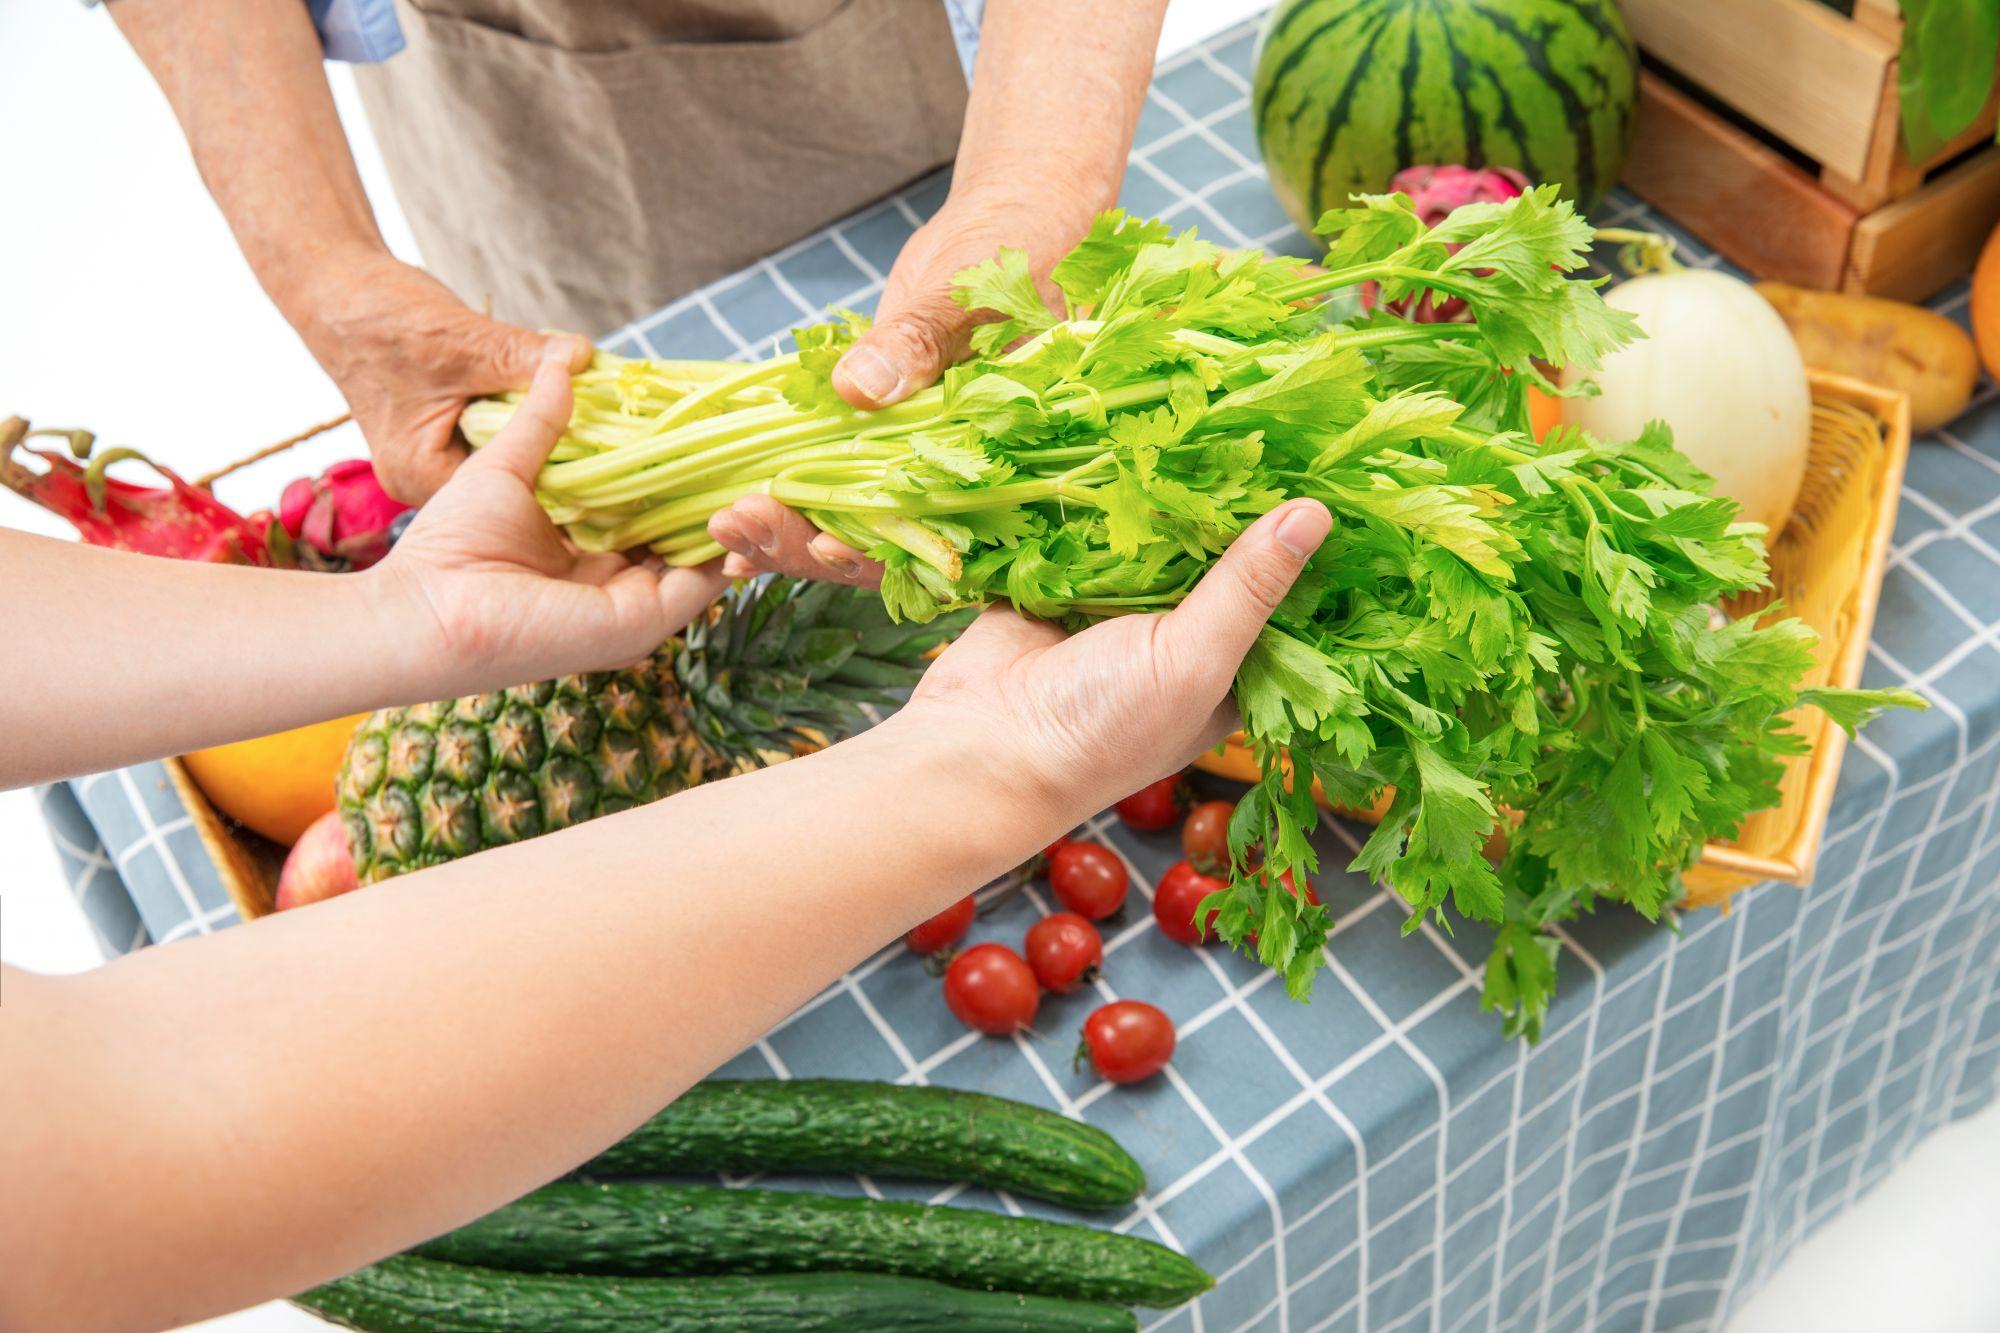 蔬菜水果会附着新冠病毒吗?外出购物注意六大要点